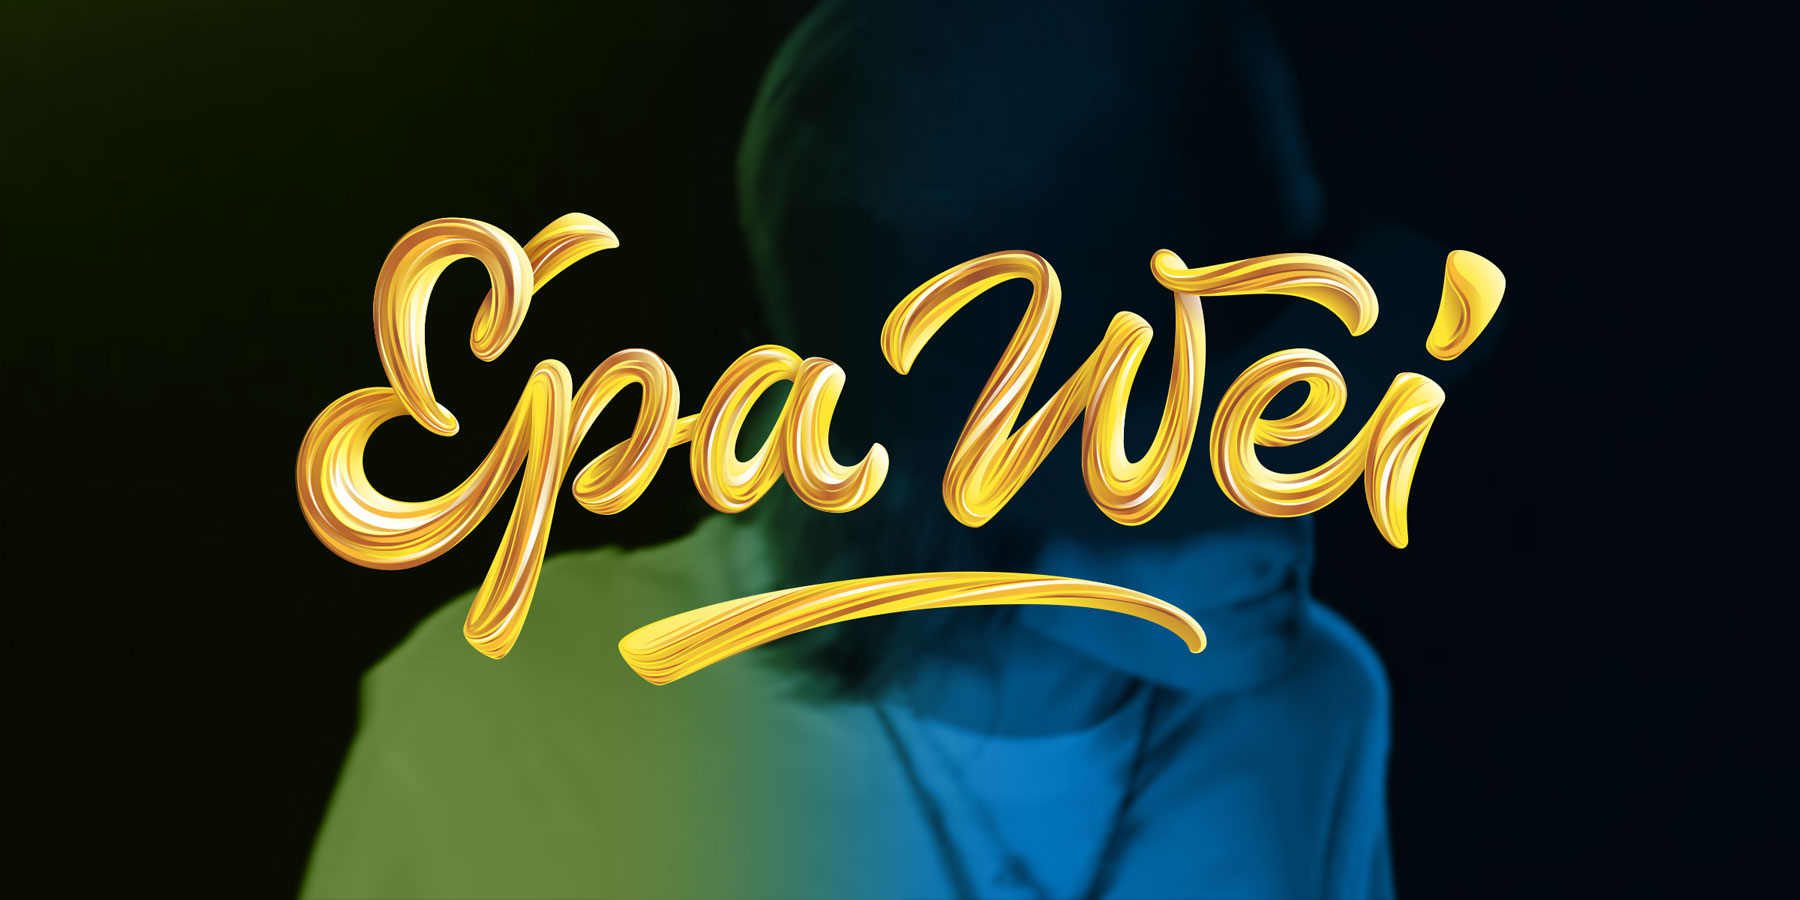 Epa Wei